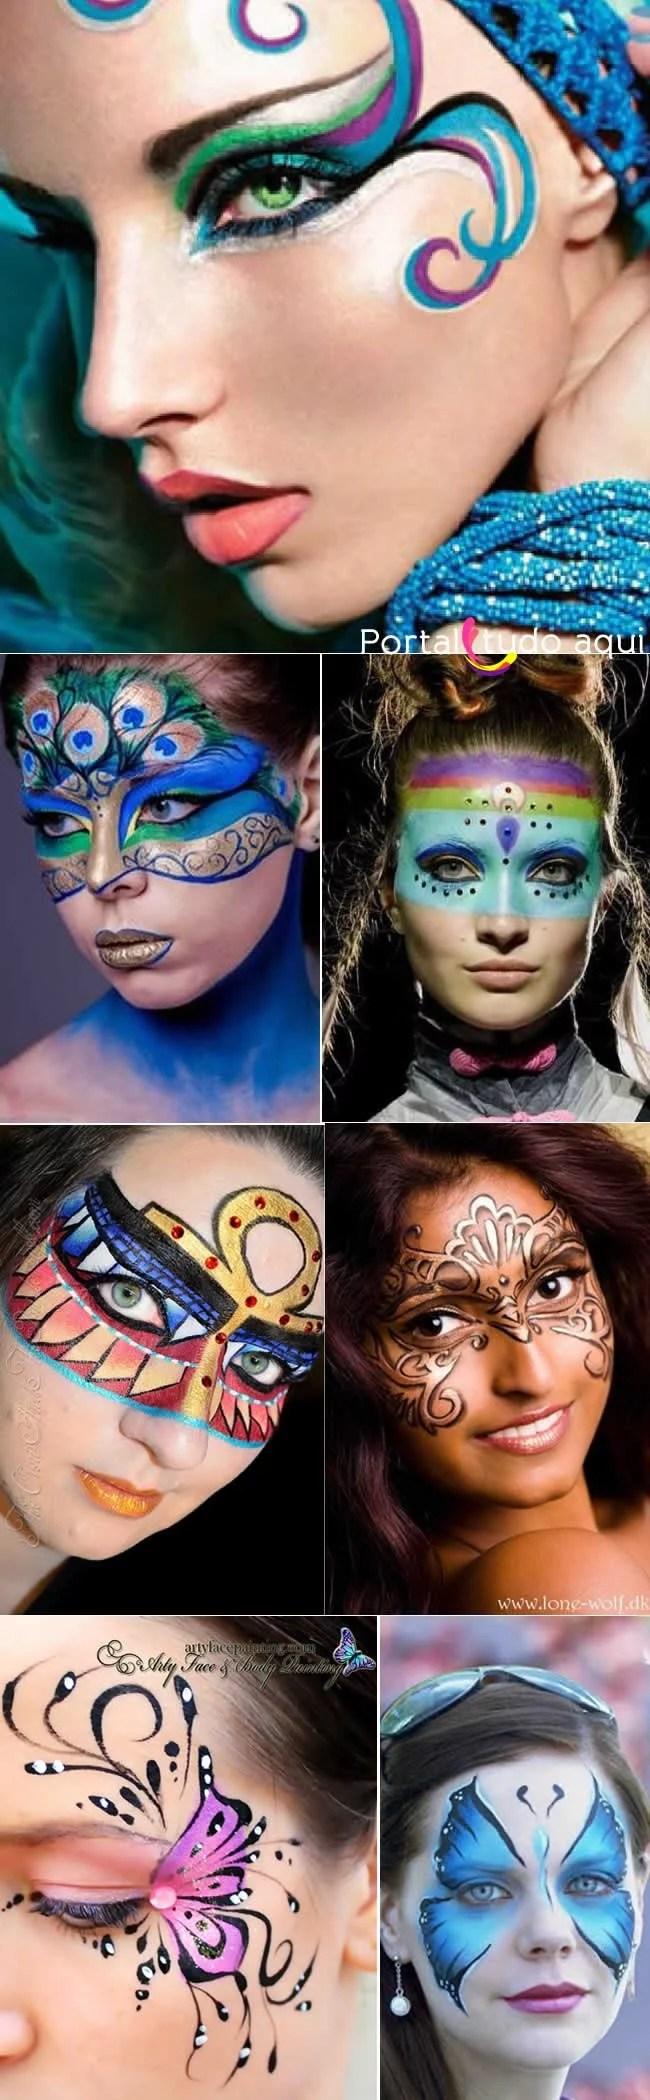 maquiagem-para-carnaval-pintura2